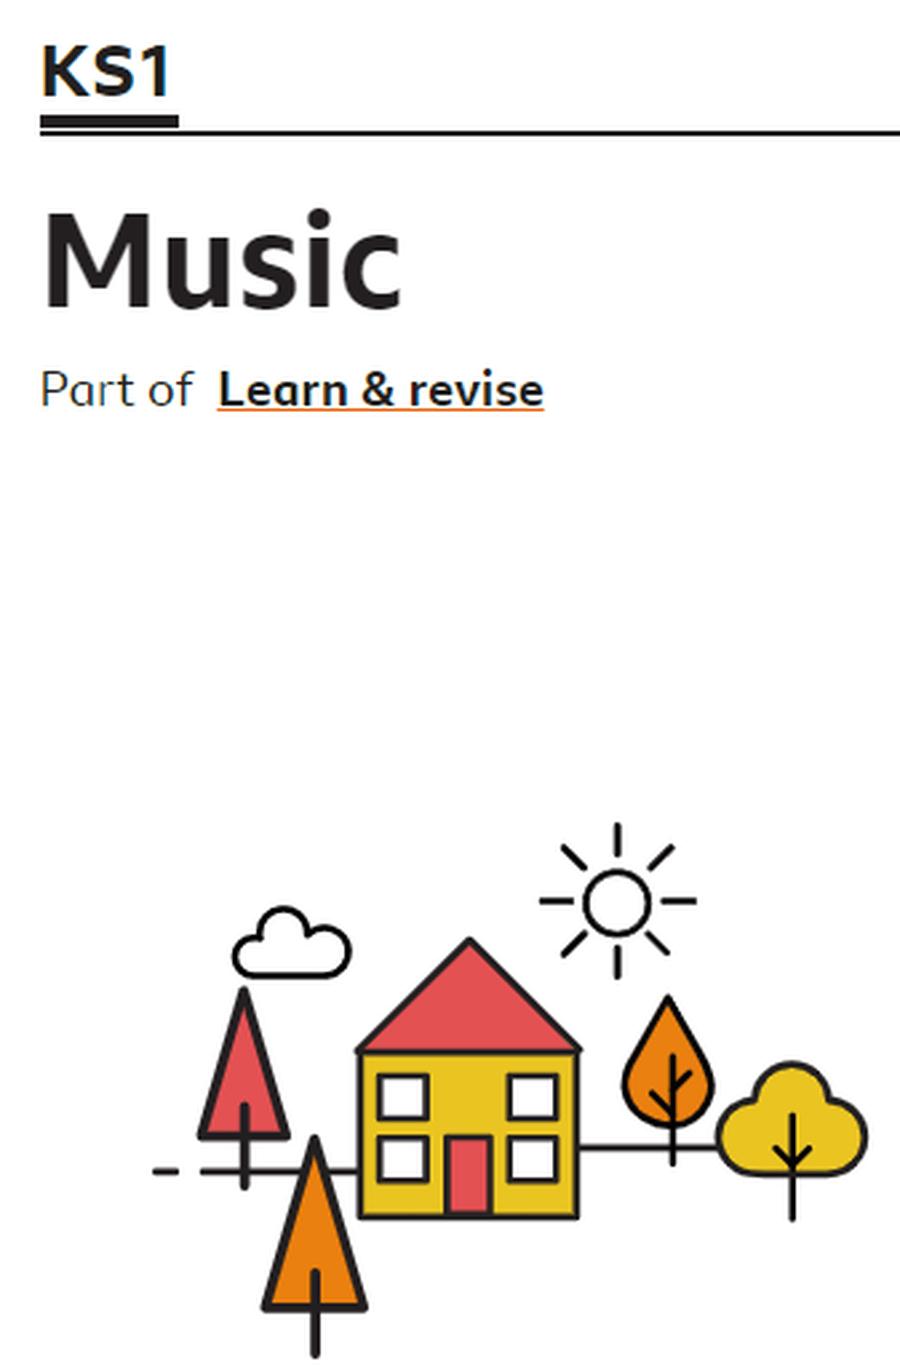 CLICK HERE FOR BBC BITESIZE MUSIC LESSONS FOR KS1